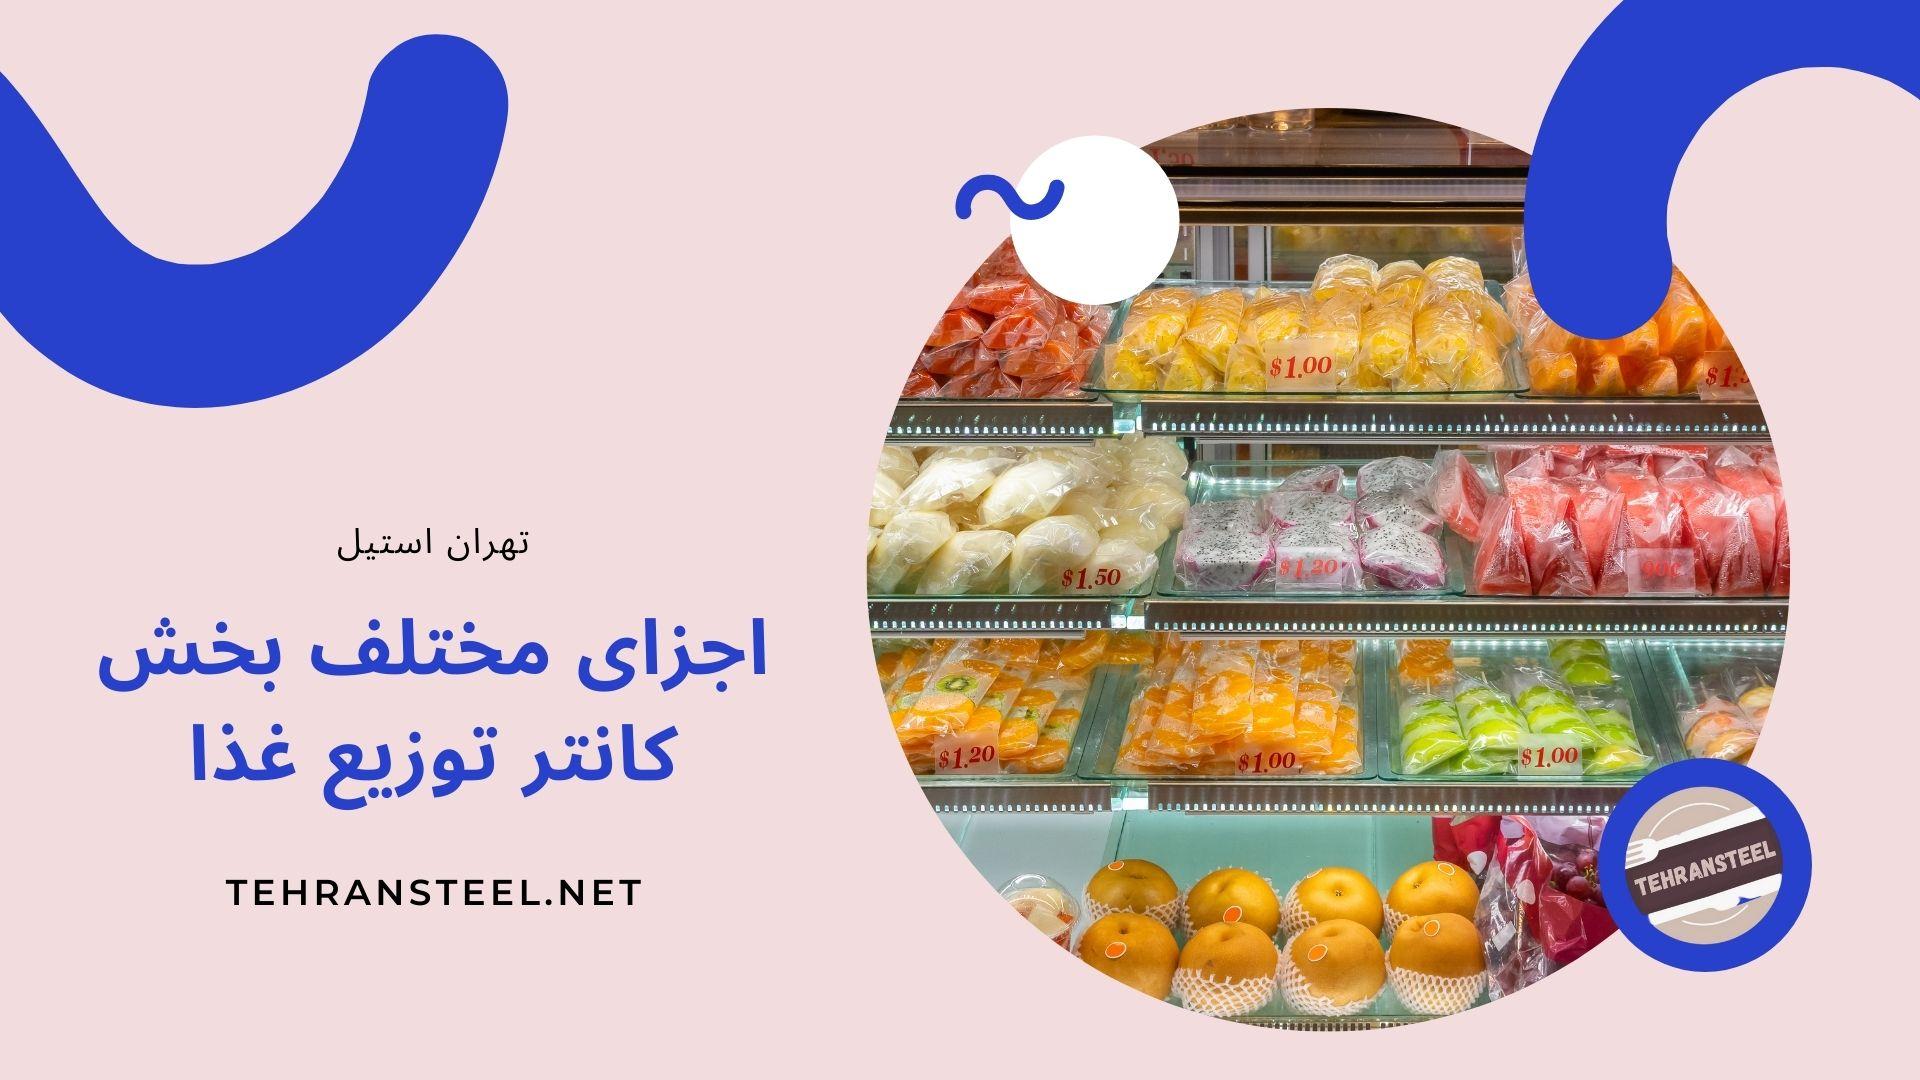 اجزای مختلف بخش کانتر توزیع غذا